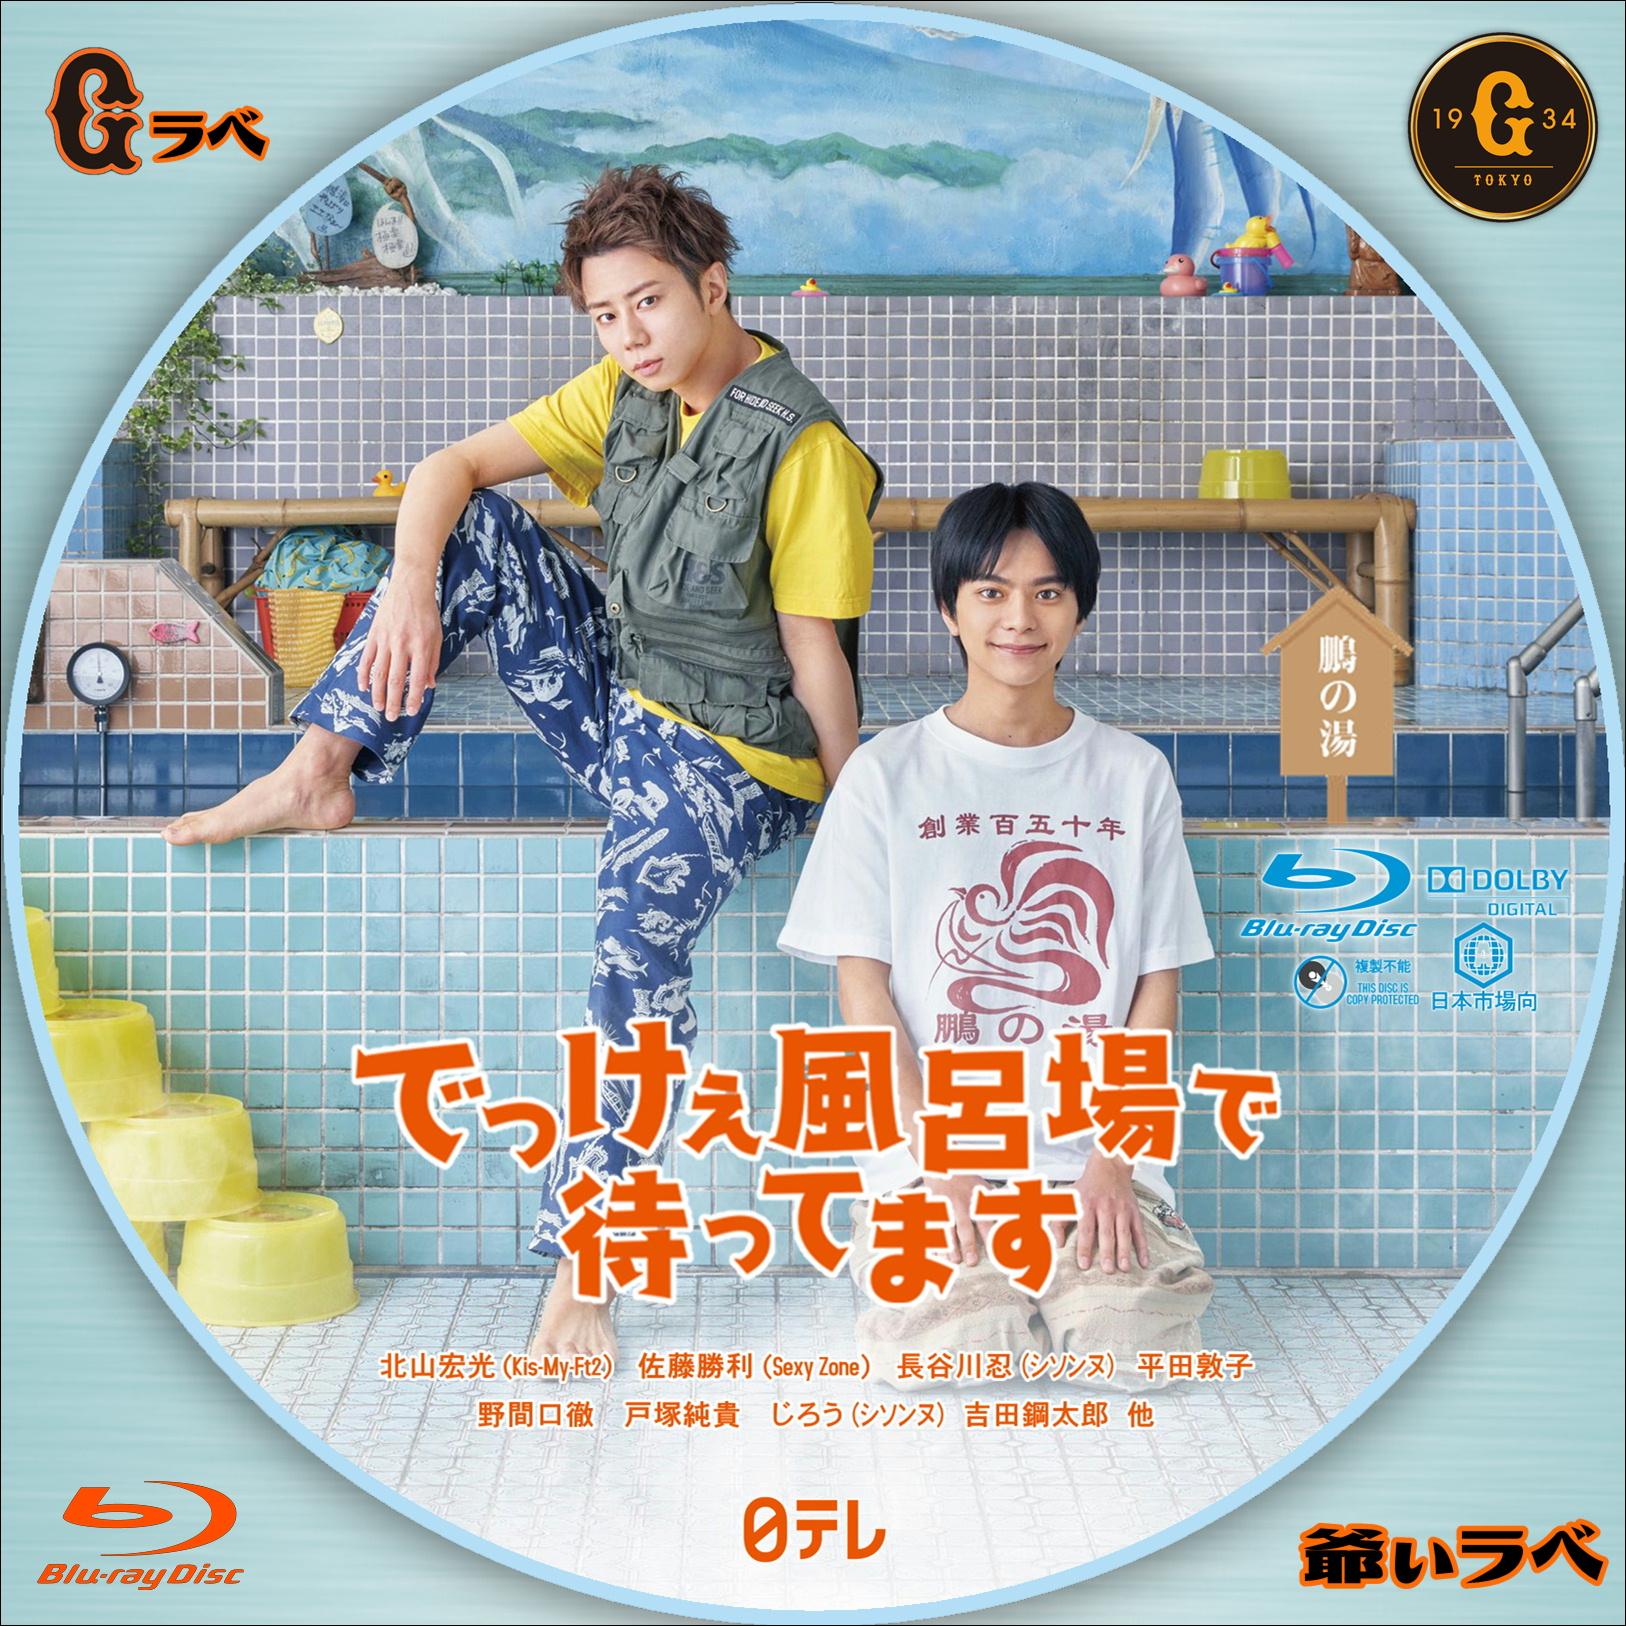 でっけぇ風呂場で待ってます(Blu-ray)